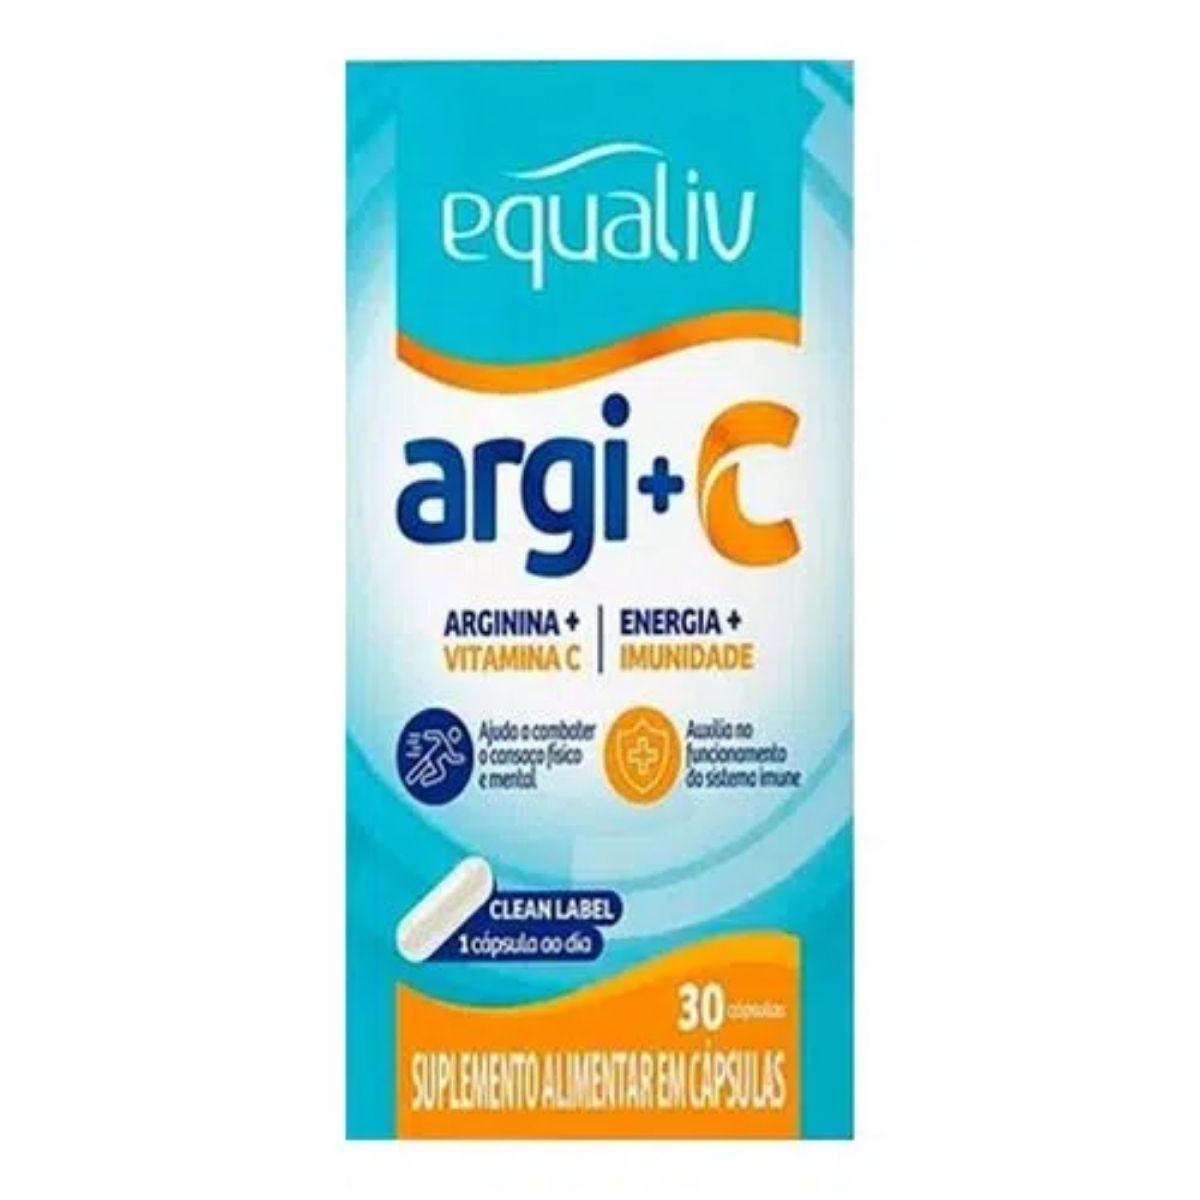 ARG+C 60CAPS EQUALIV